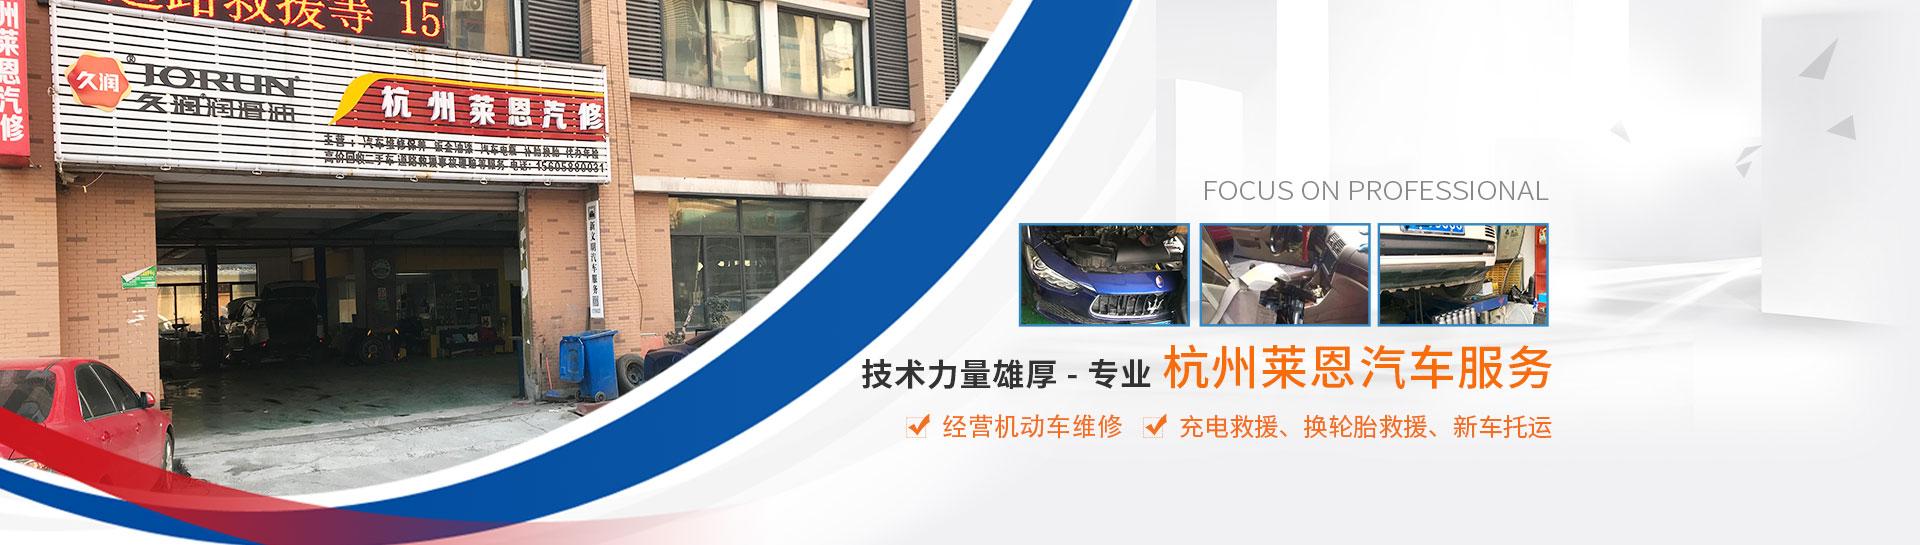 杭州莱恩汽车服务有限公司